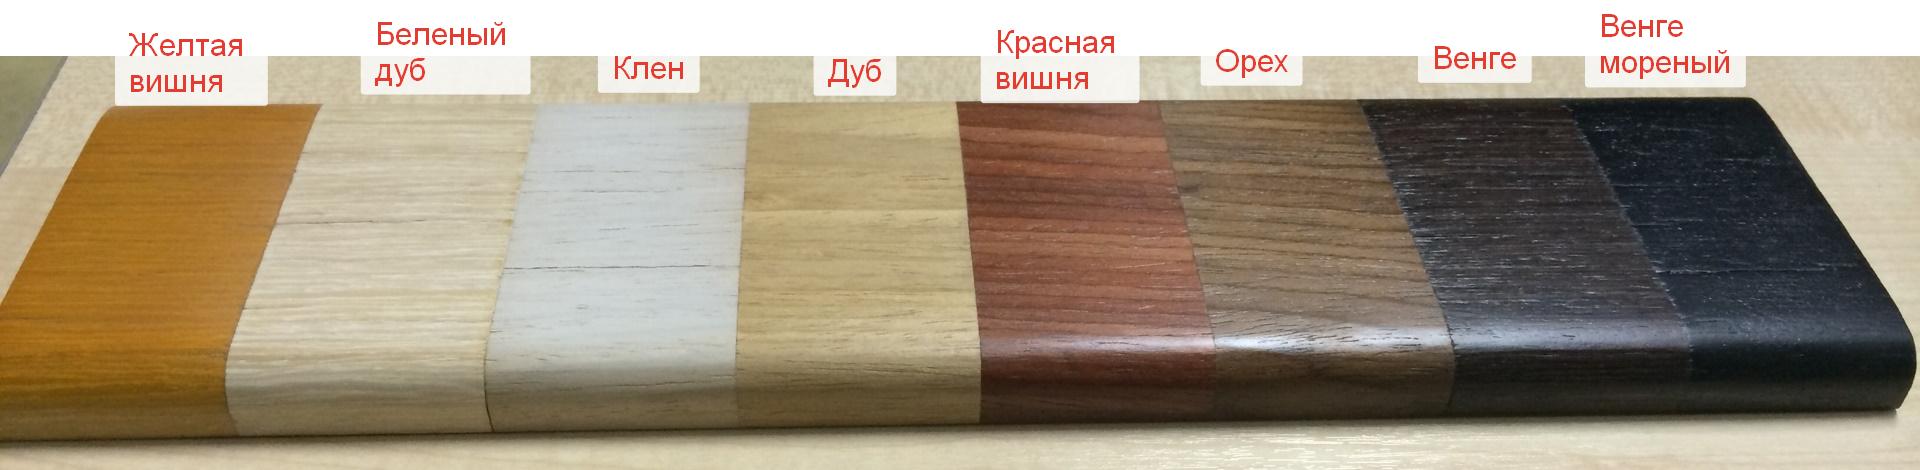 Allegri Горка - 1